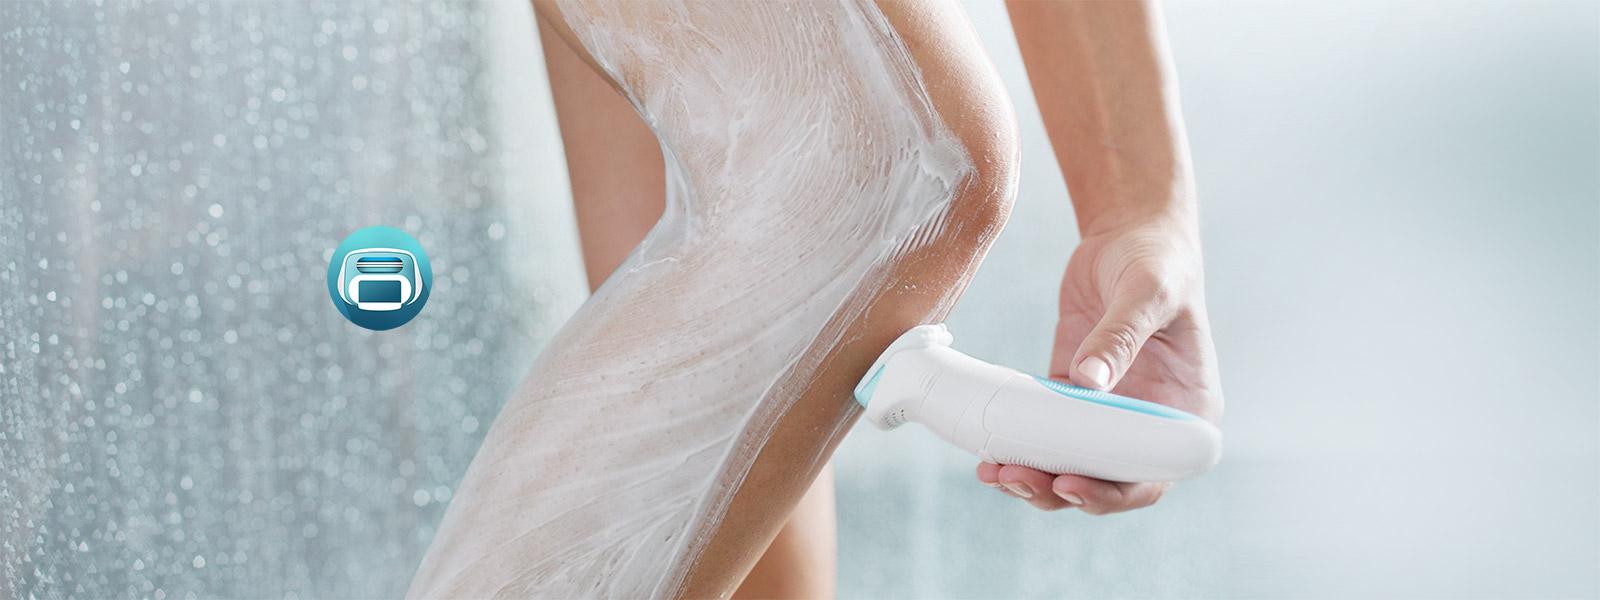 Простой путь к гладкой коже самые безболезненные эпиляторы - эпиляция беспроводным эпилятором